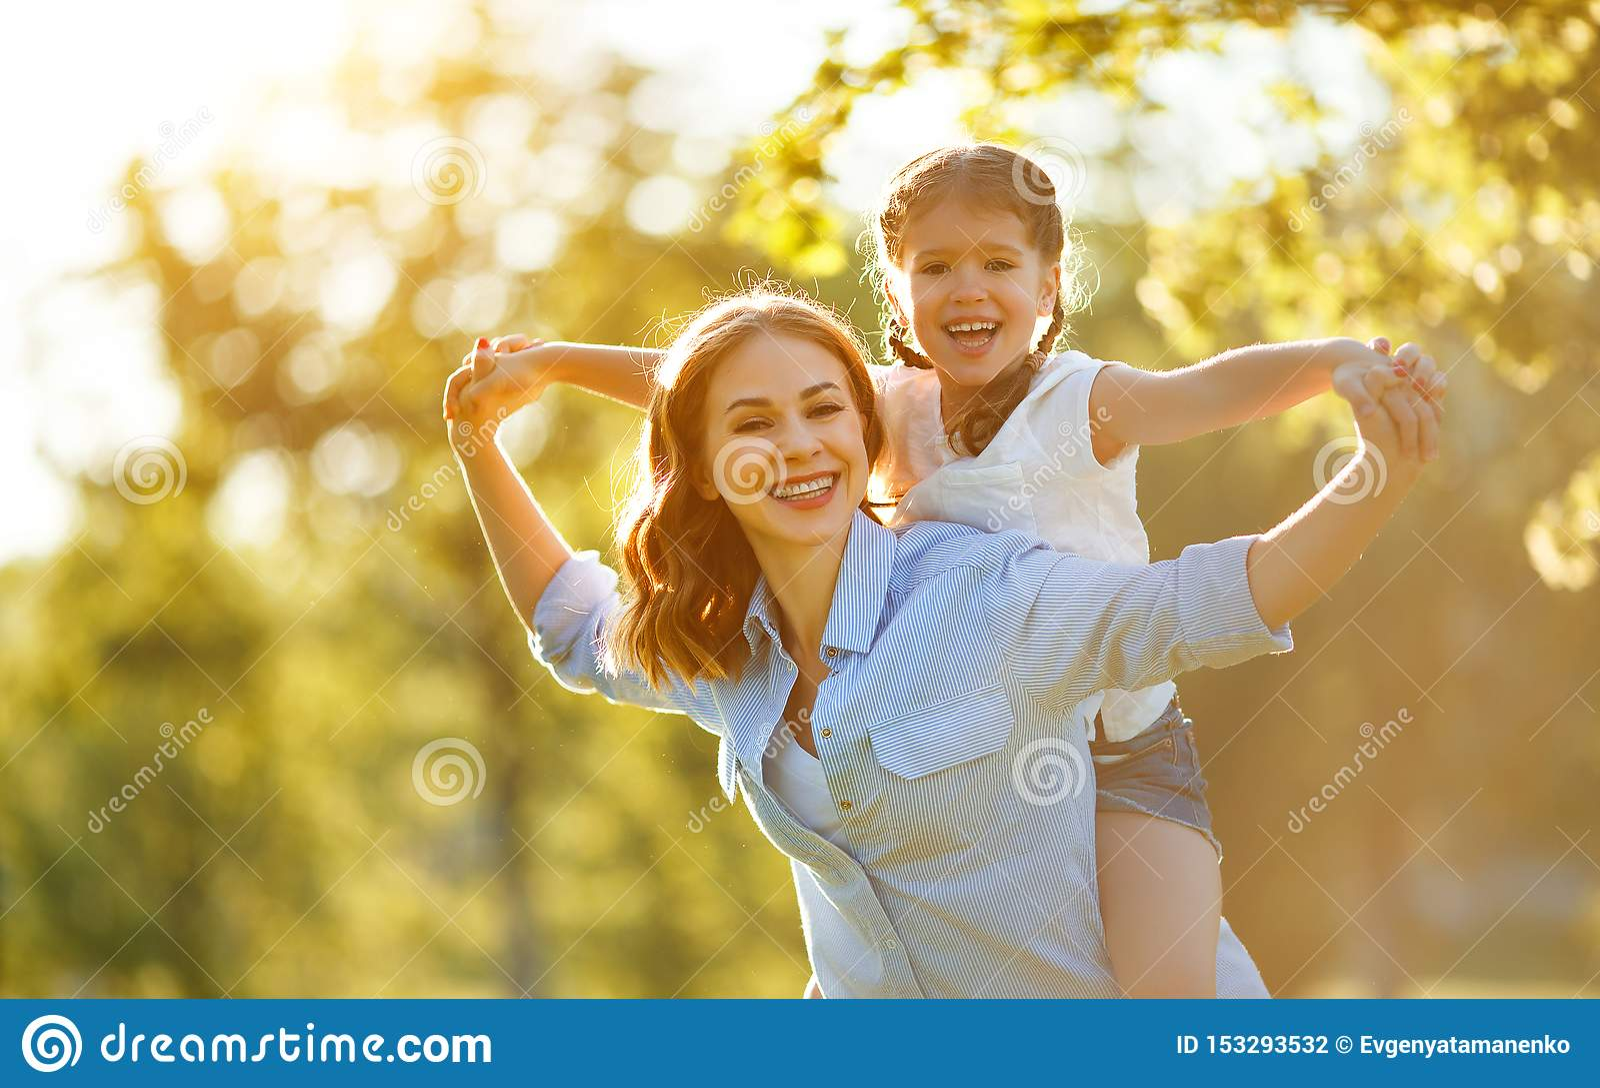 幸福家庭母亲和儿童女儿本质上在夏天